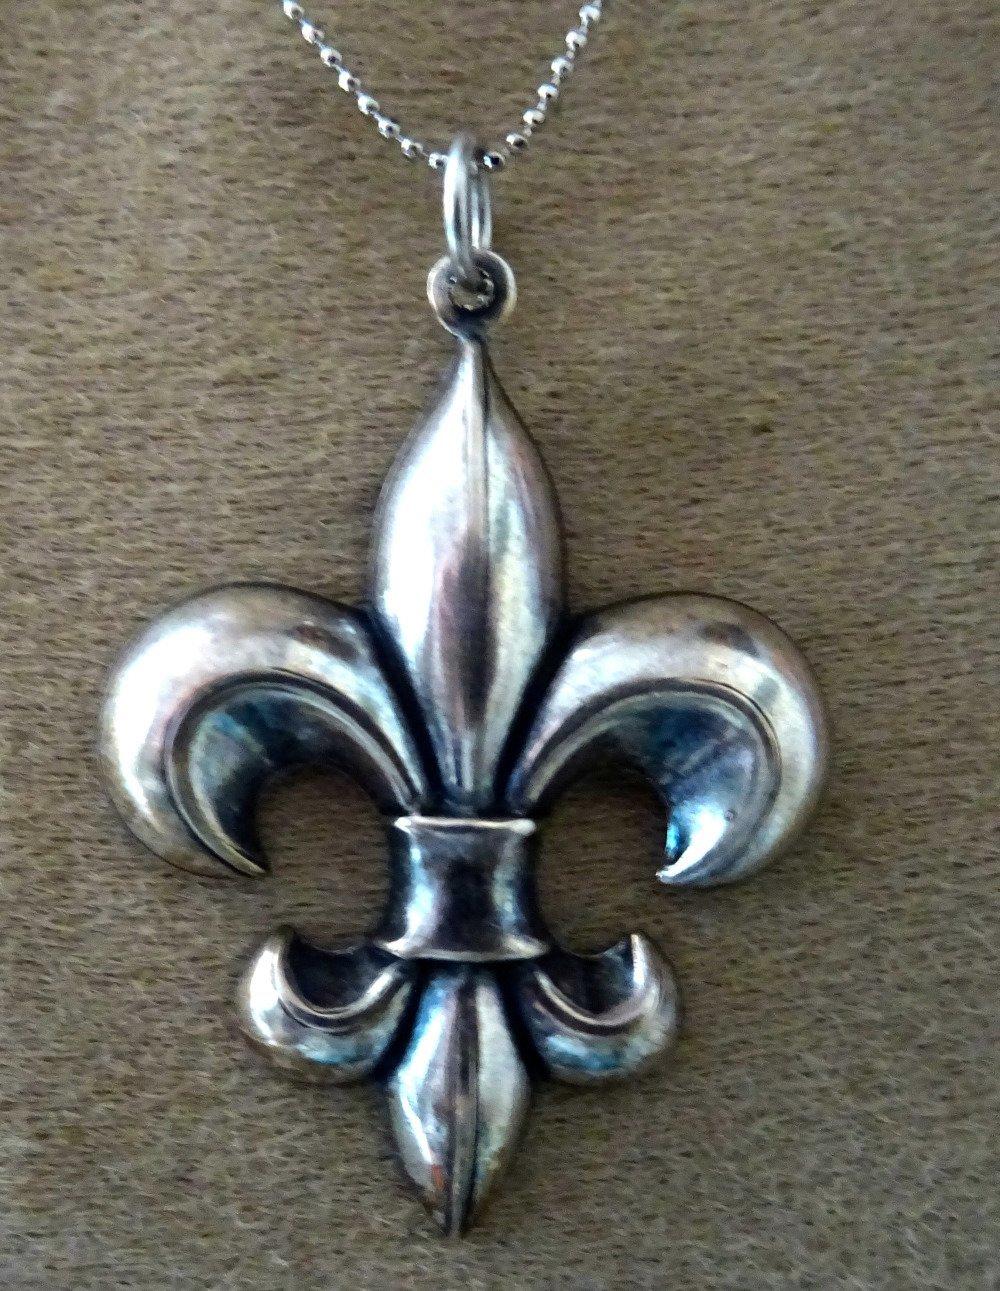 pendentif fleur de lys, médiéval, métal argenté